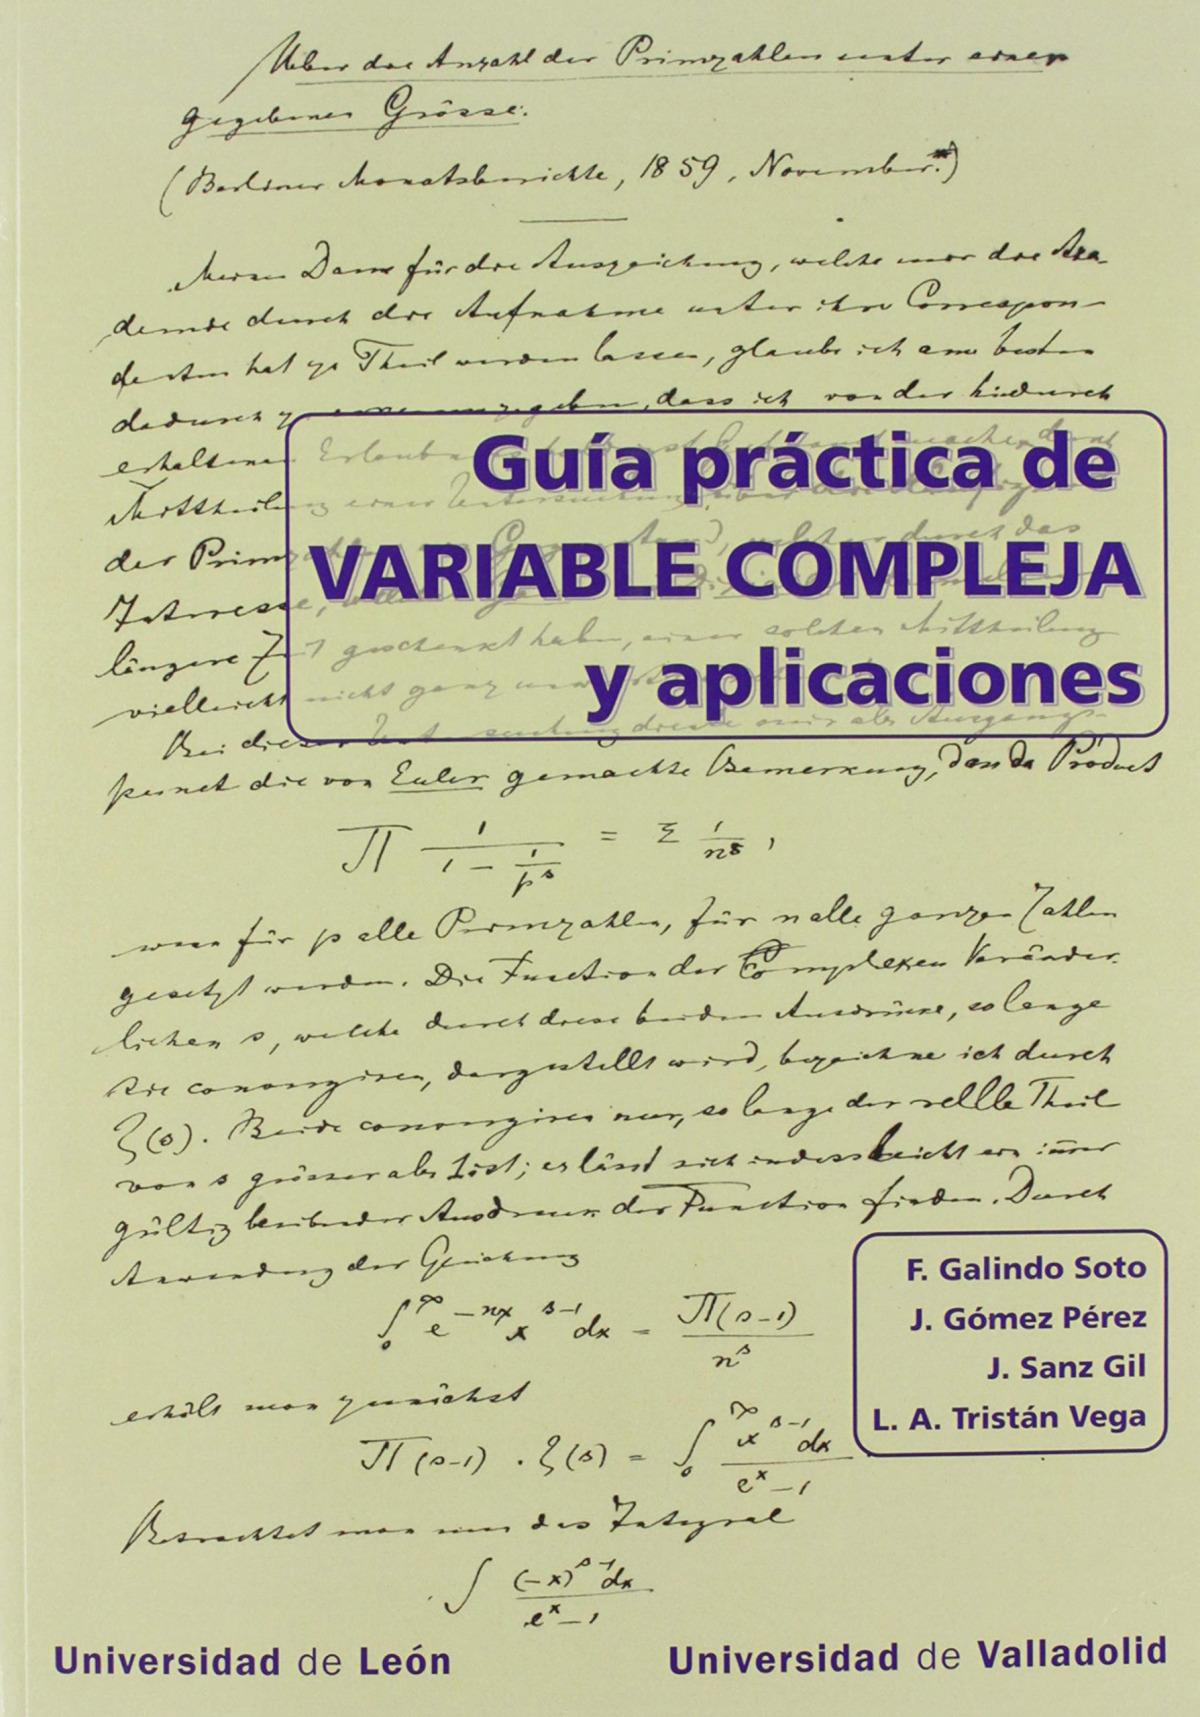 GUÍA PRACTICA DE VARIBALE COMPLEJA Y APLICACIONES